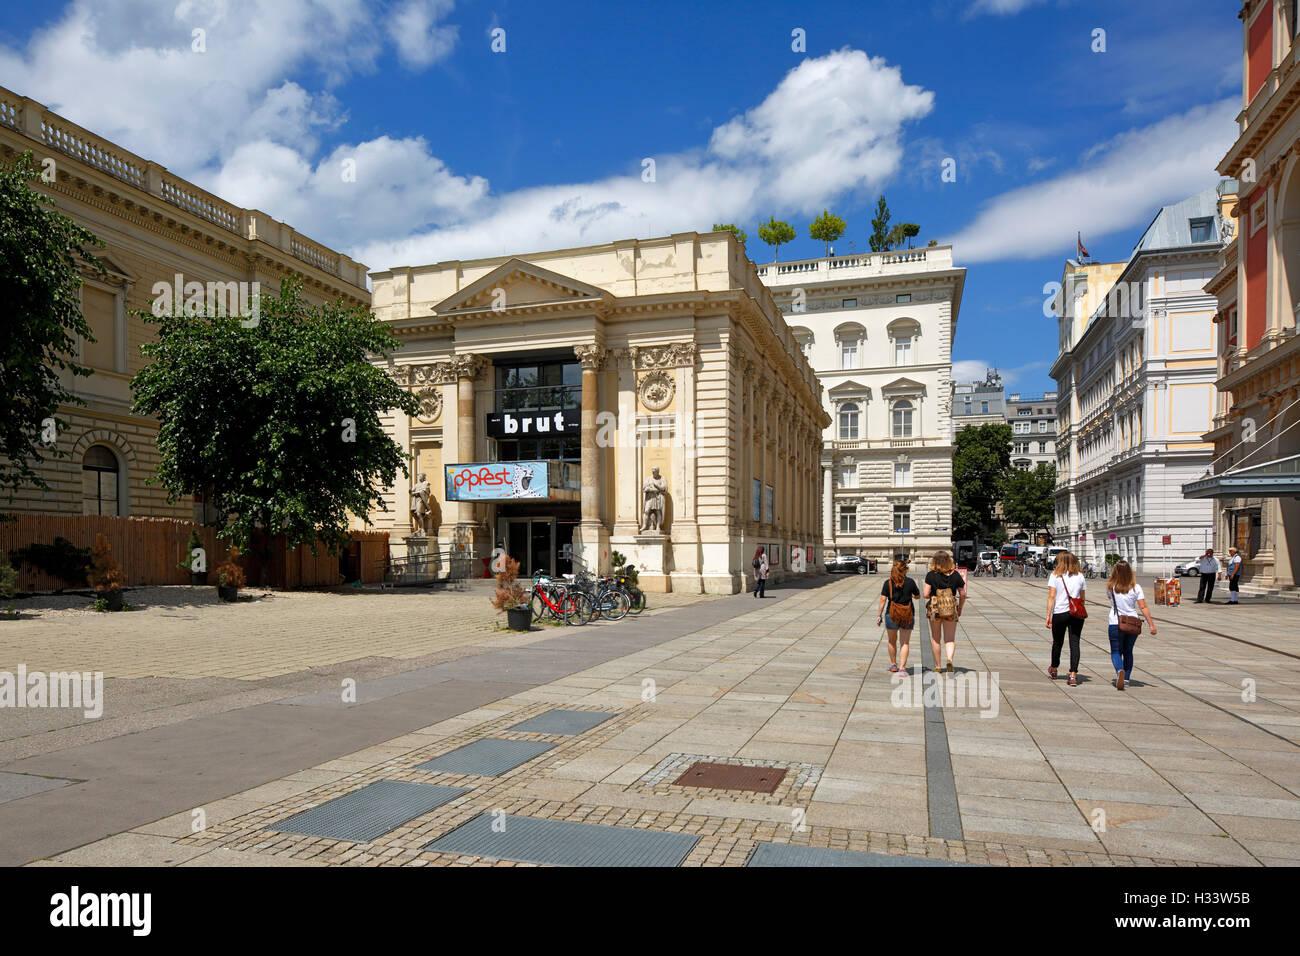 Kuenstlerhaus, Ausstellungsgebaeude, Theater und Kino am Karlsplatz in Wien, Oesterreich - Stock Image